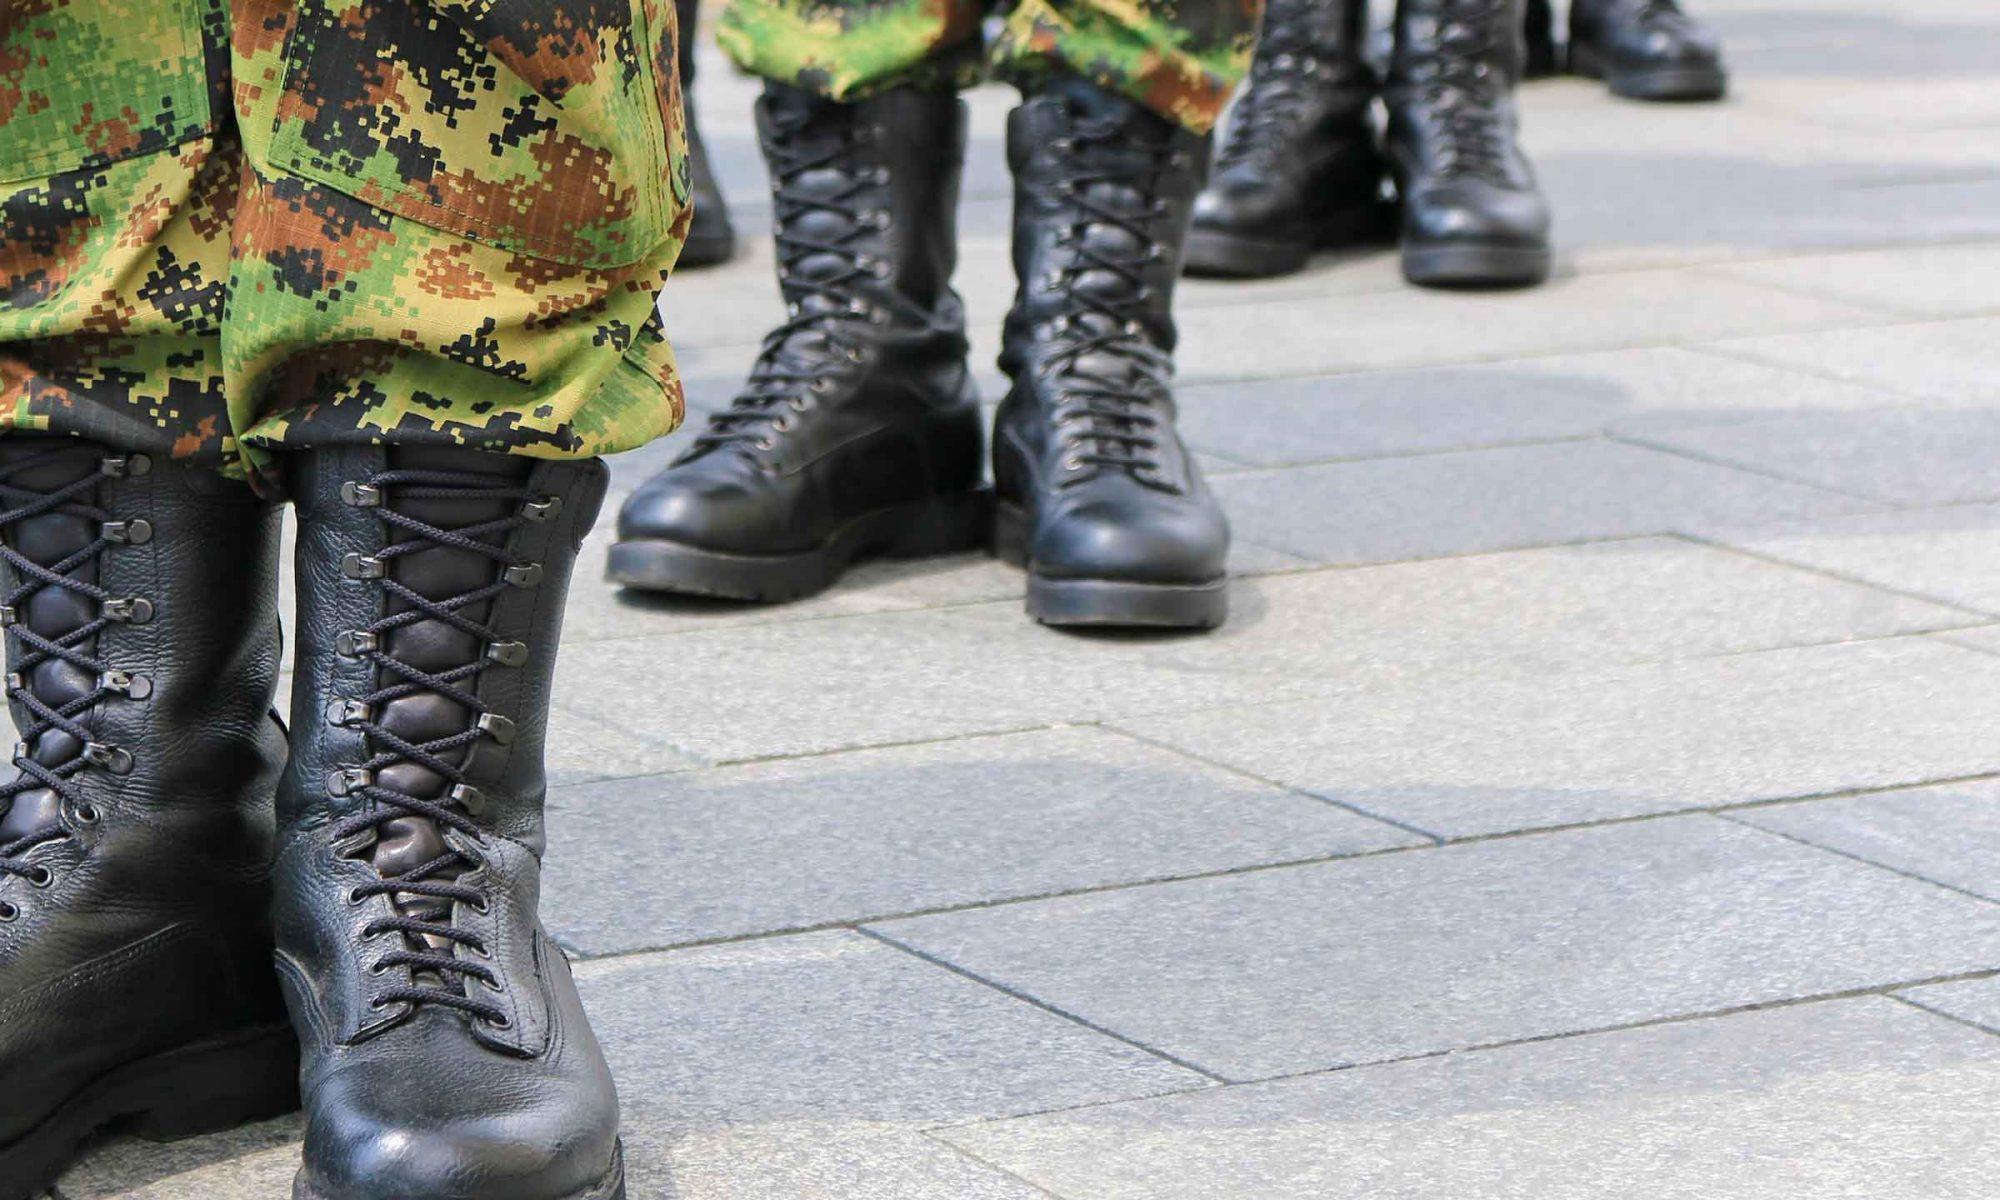 Bundeswehr-Neues-Gesetz-zur-Entschaedigung-diskriminierter-homosexueller-Soldaten